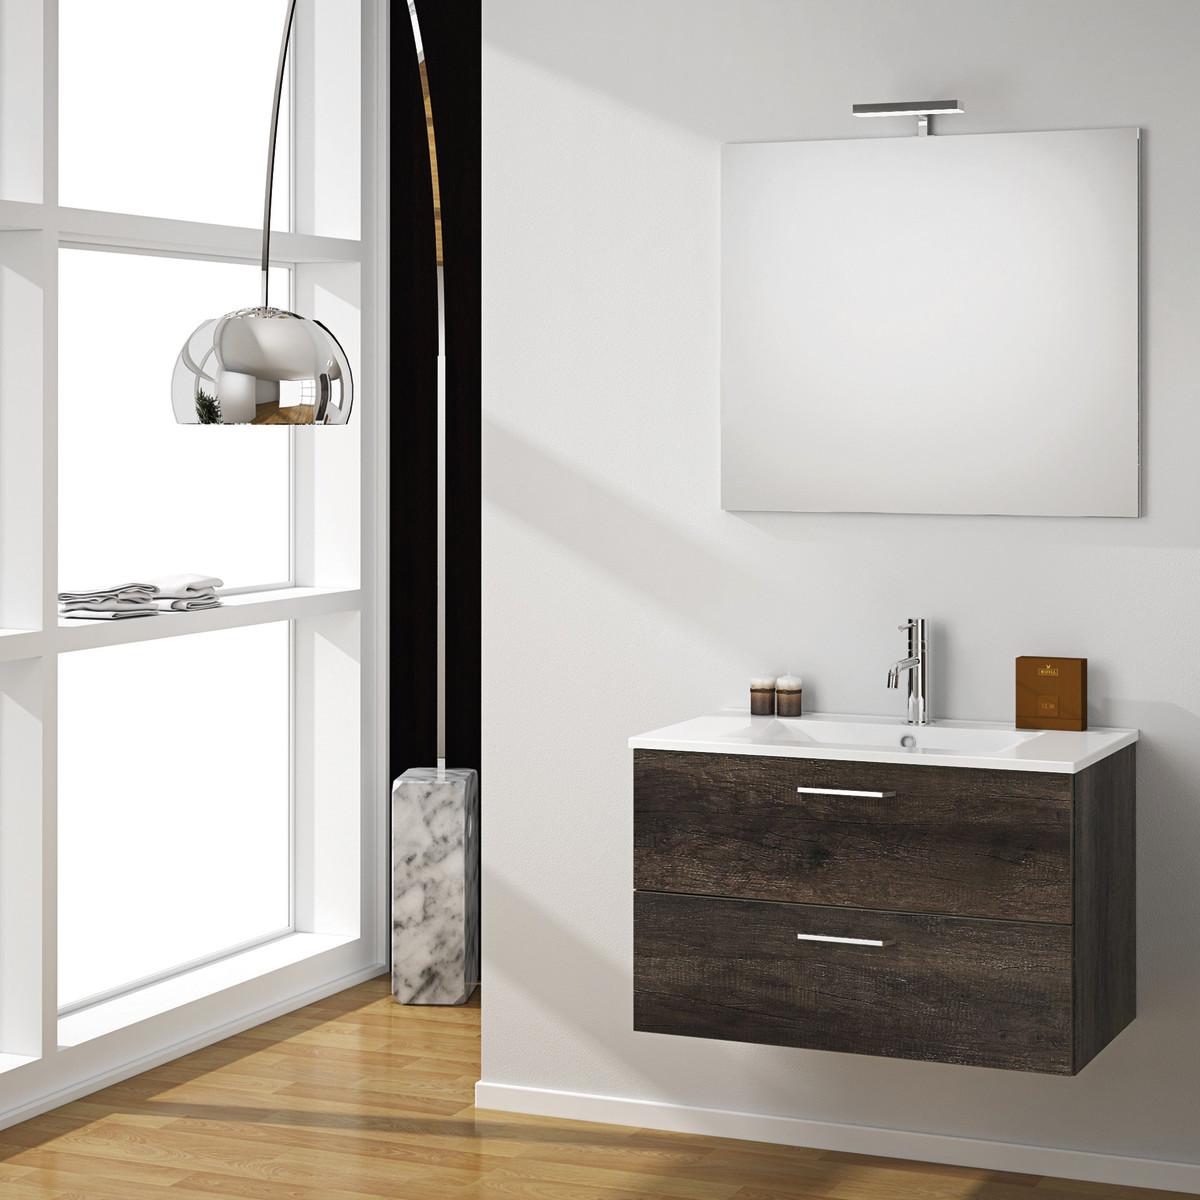 Bagni semeraro simple affordable semeraro specchi with - Mobili bagno semeraro ...